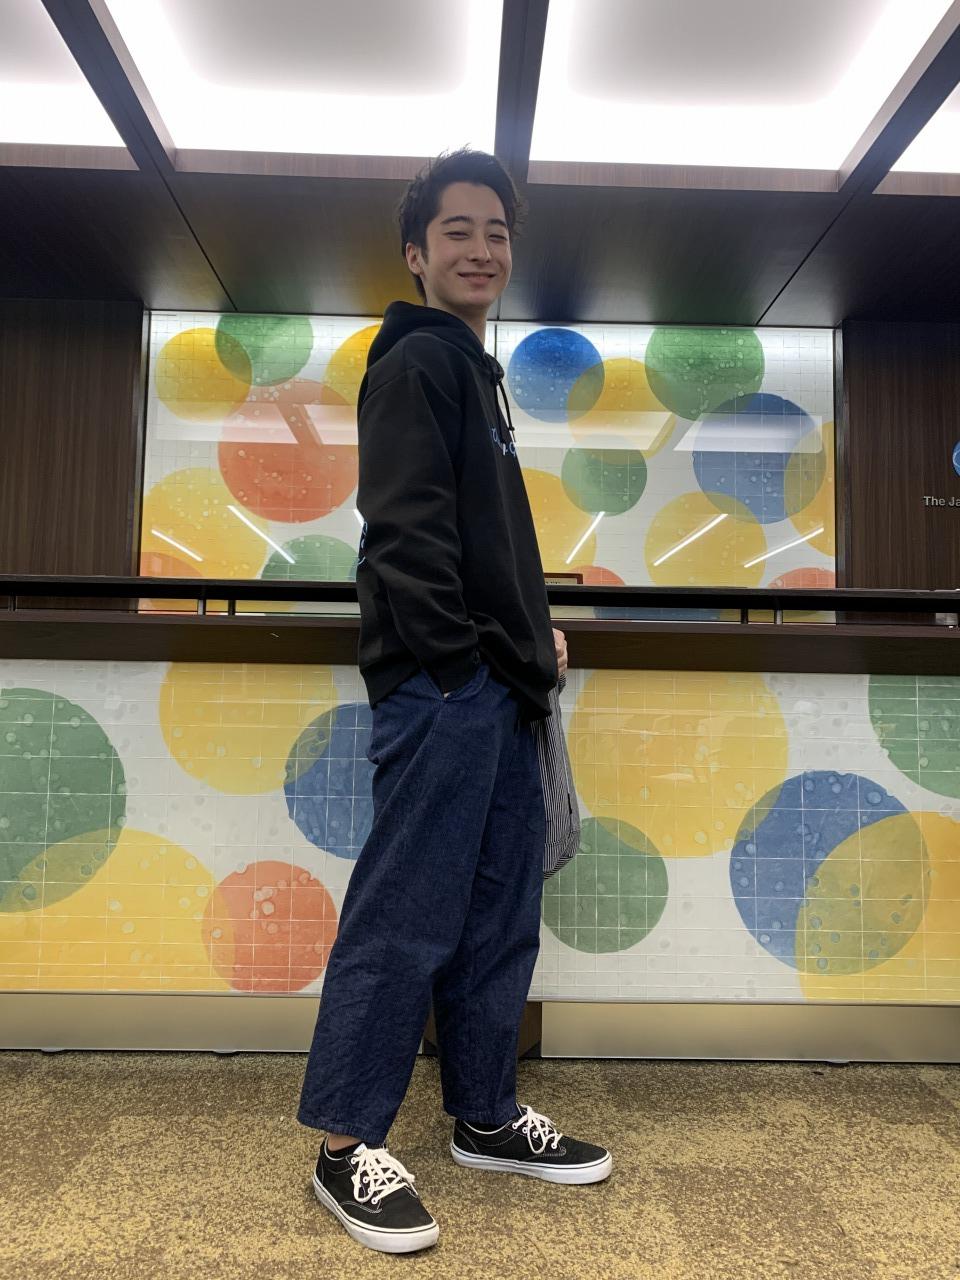 賀曽利くん:通学スタイル